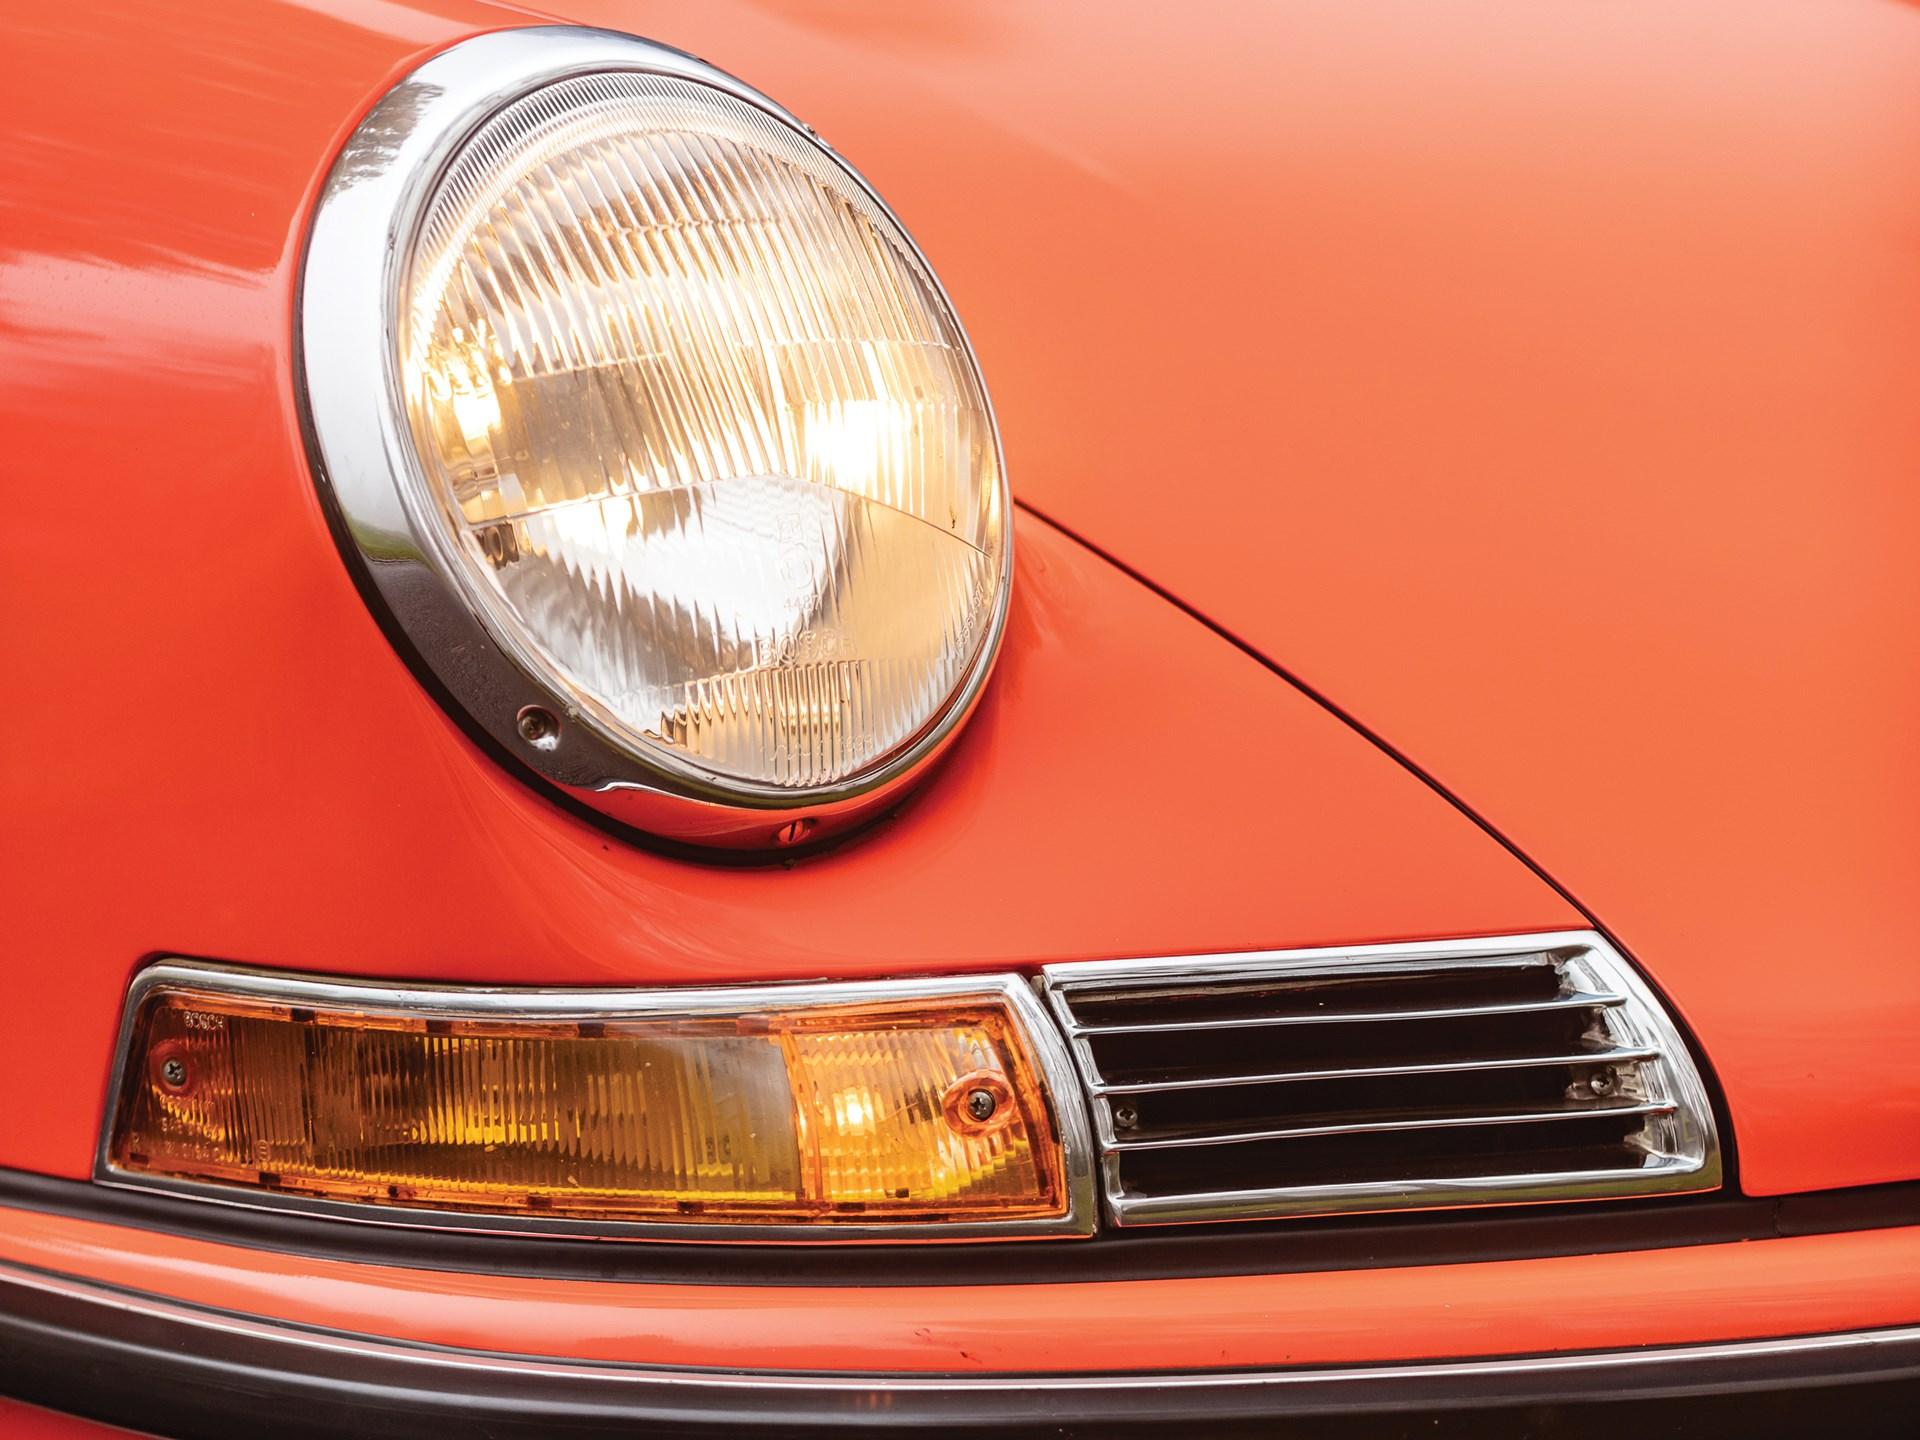 1967 Porsche 911 S Coupé